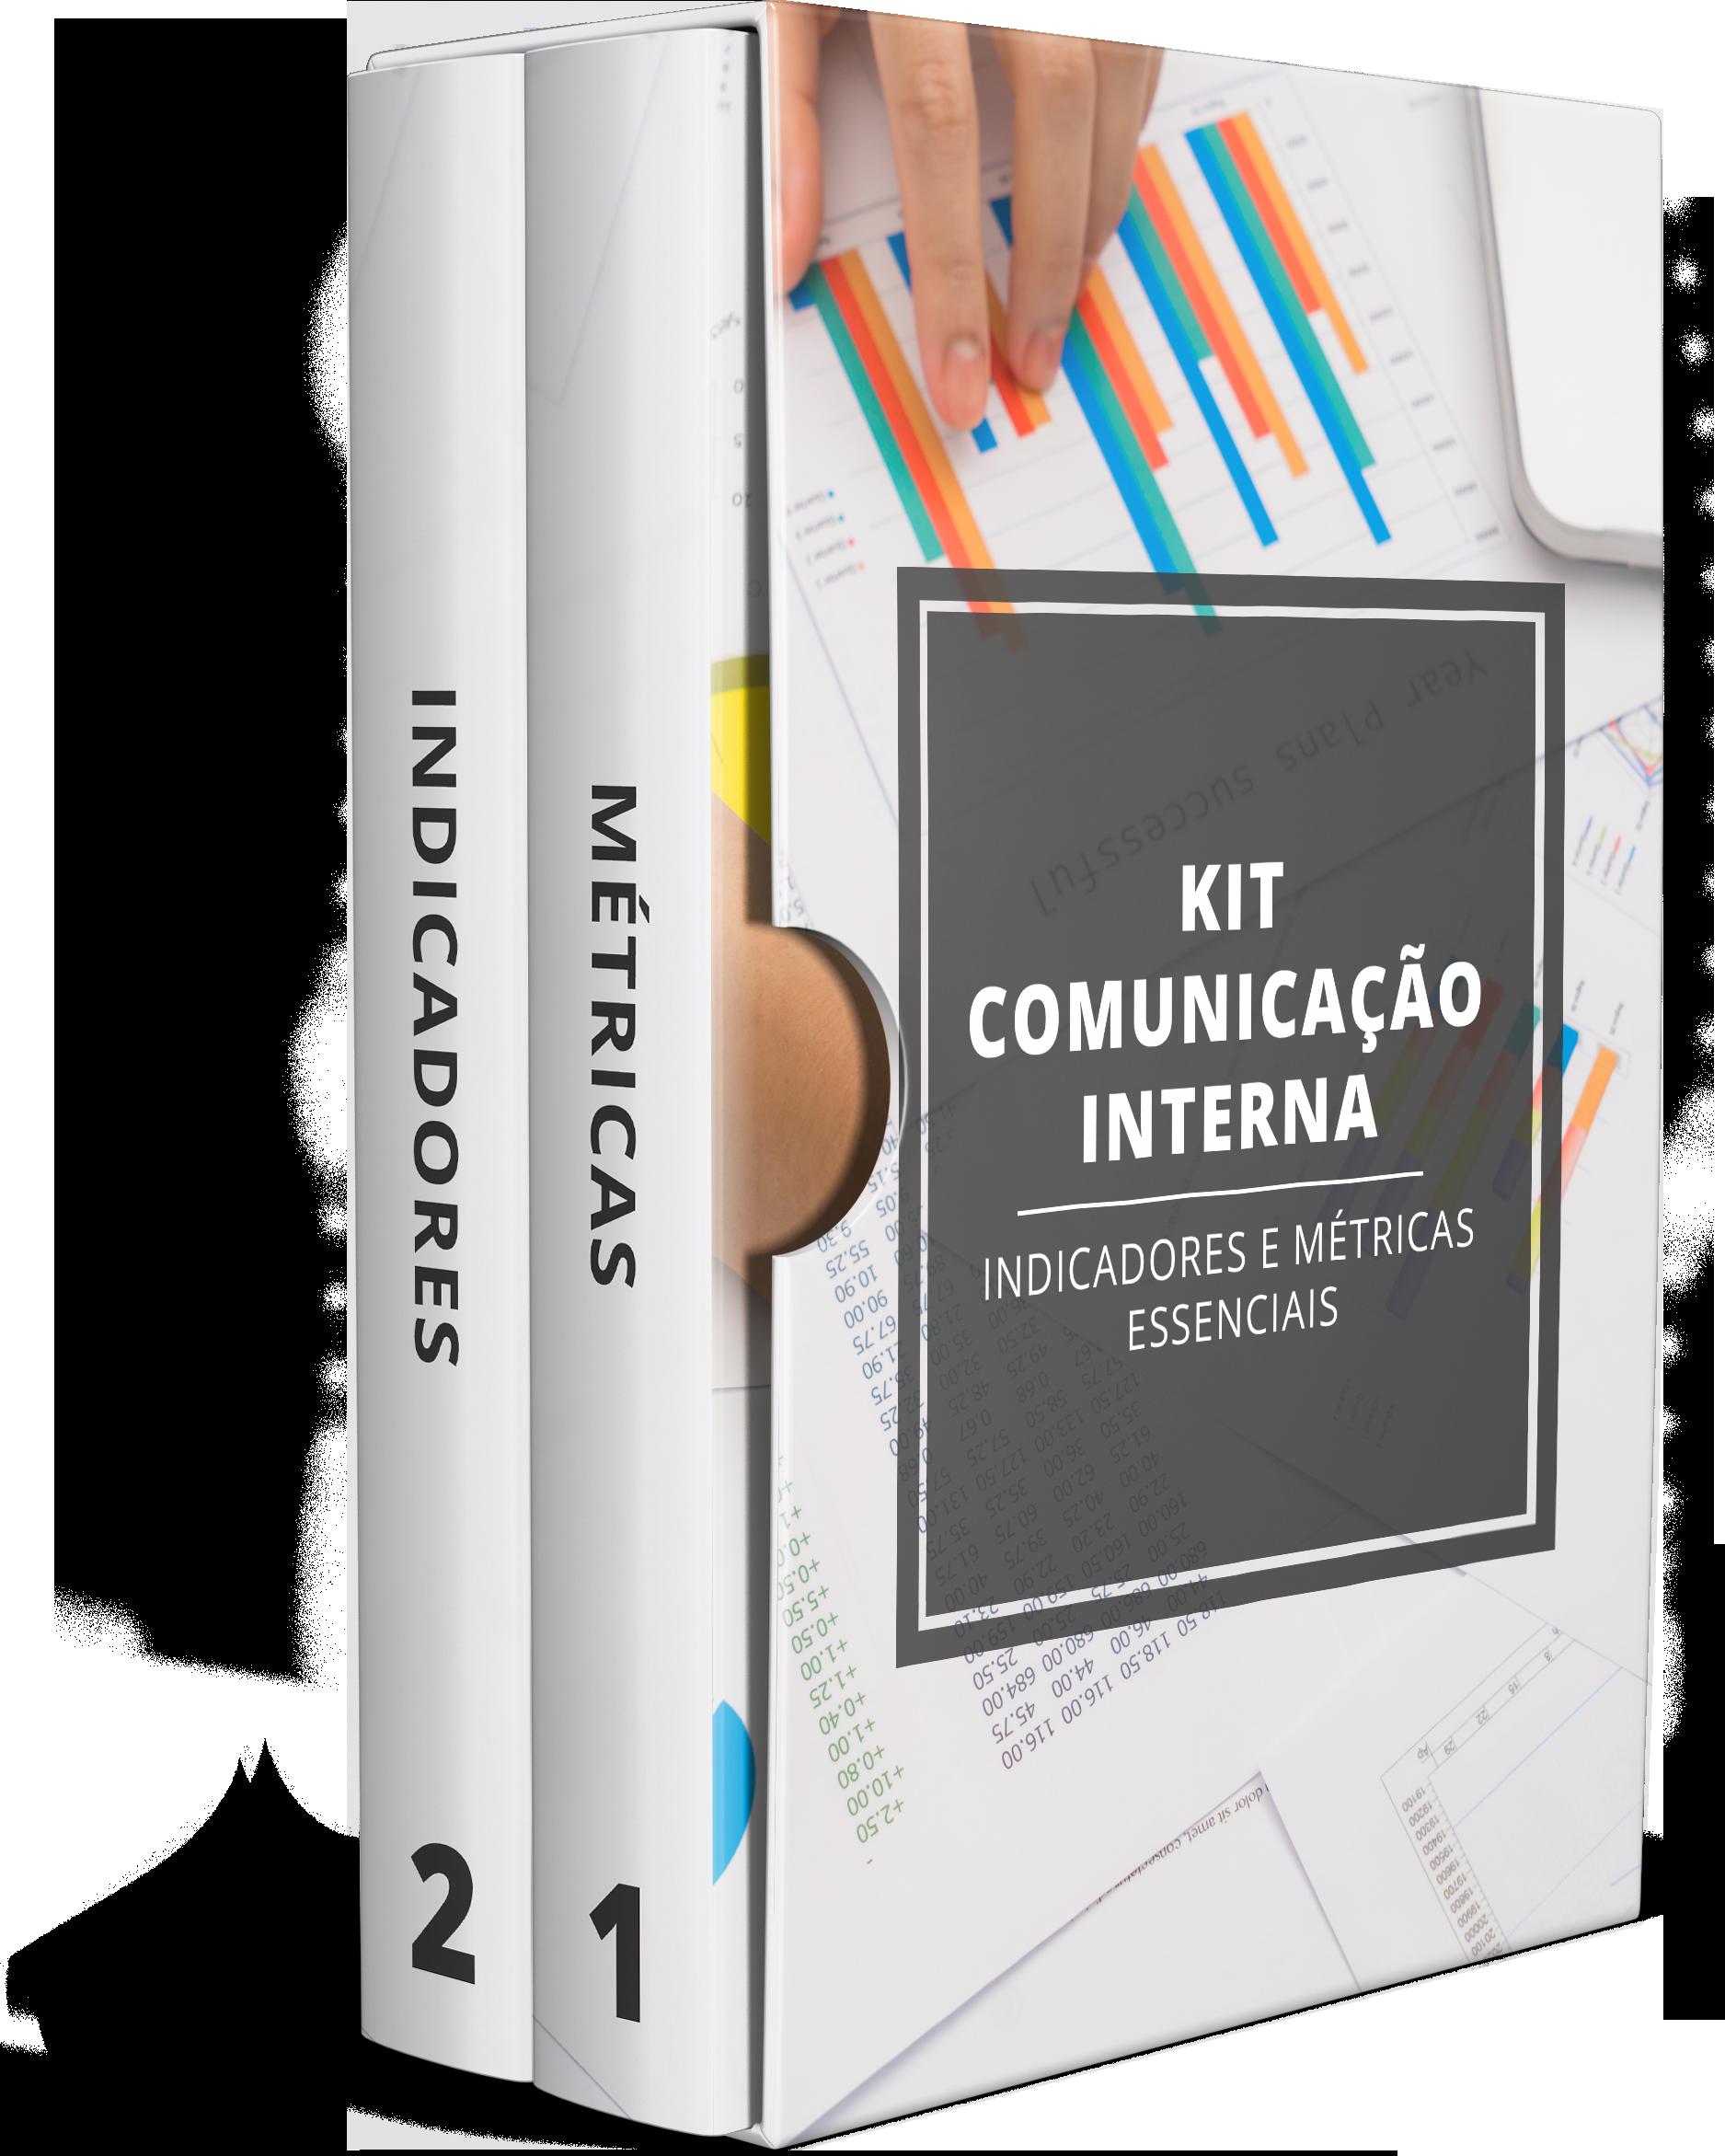 Materiais Educativos sobre comunicação interna